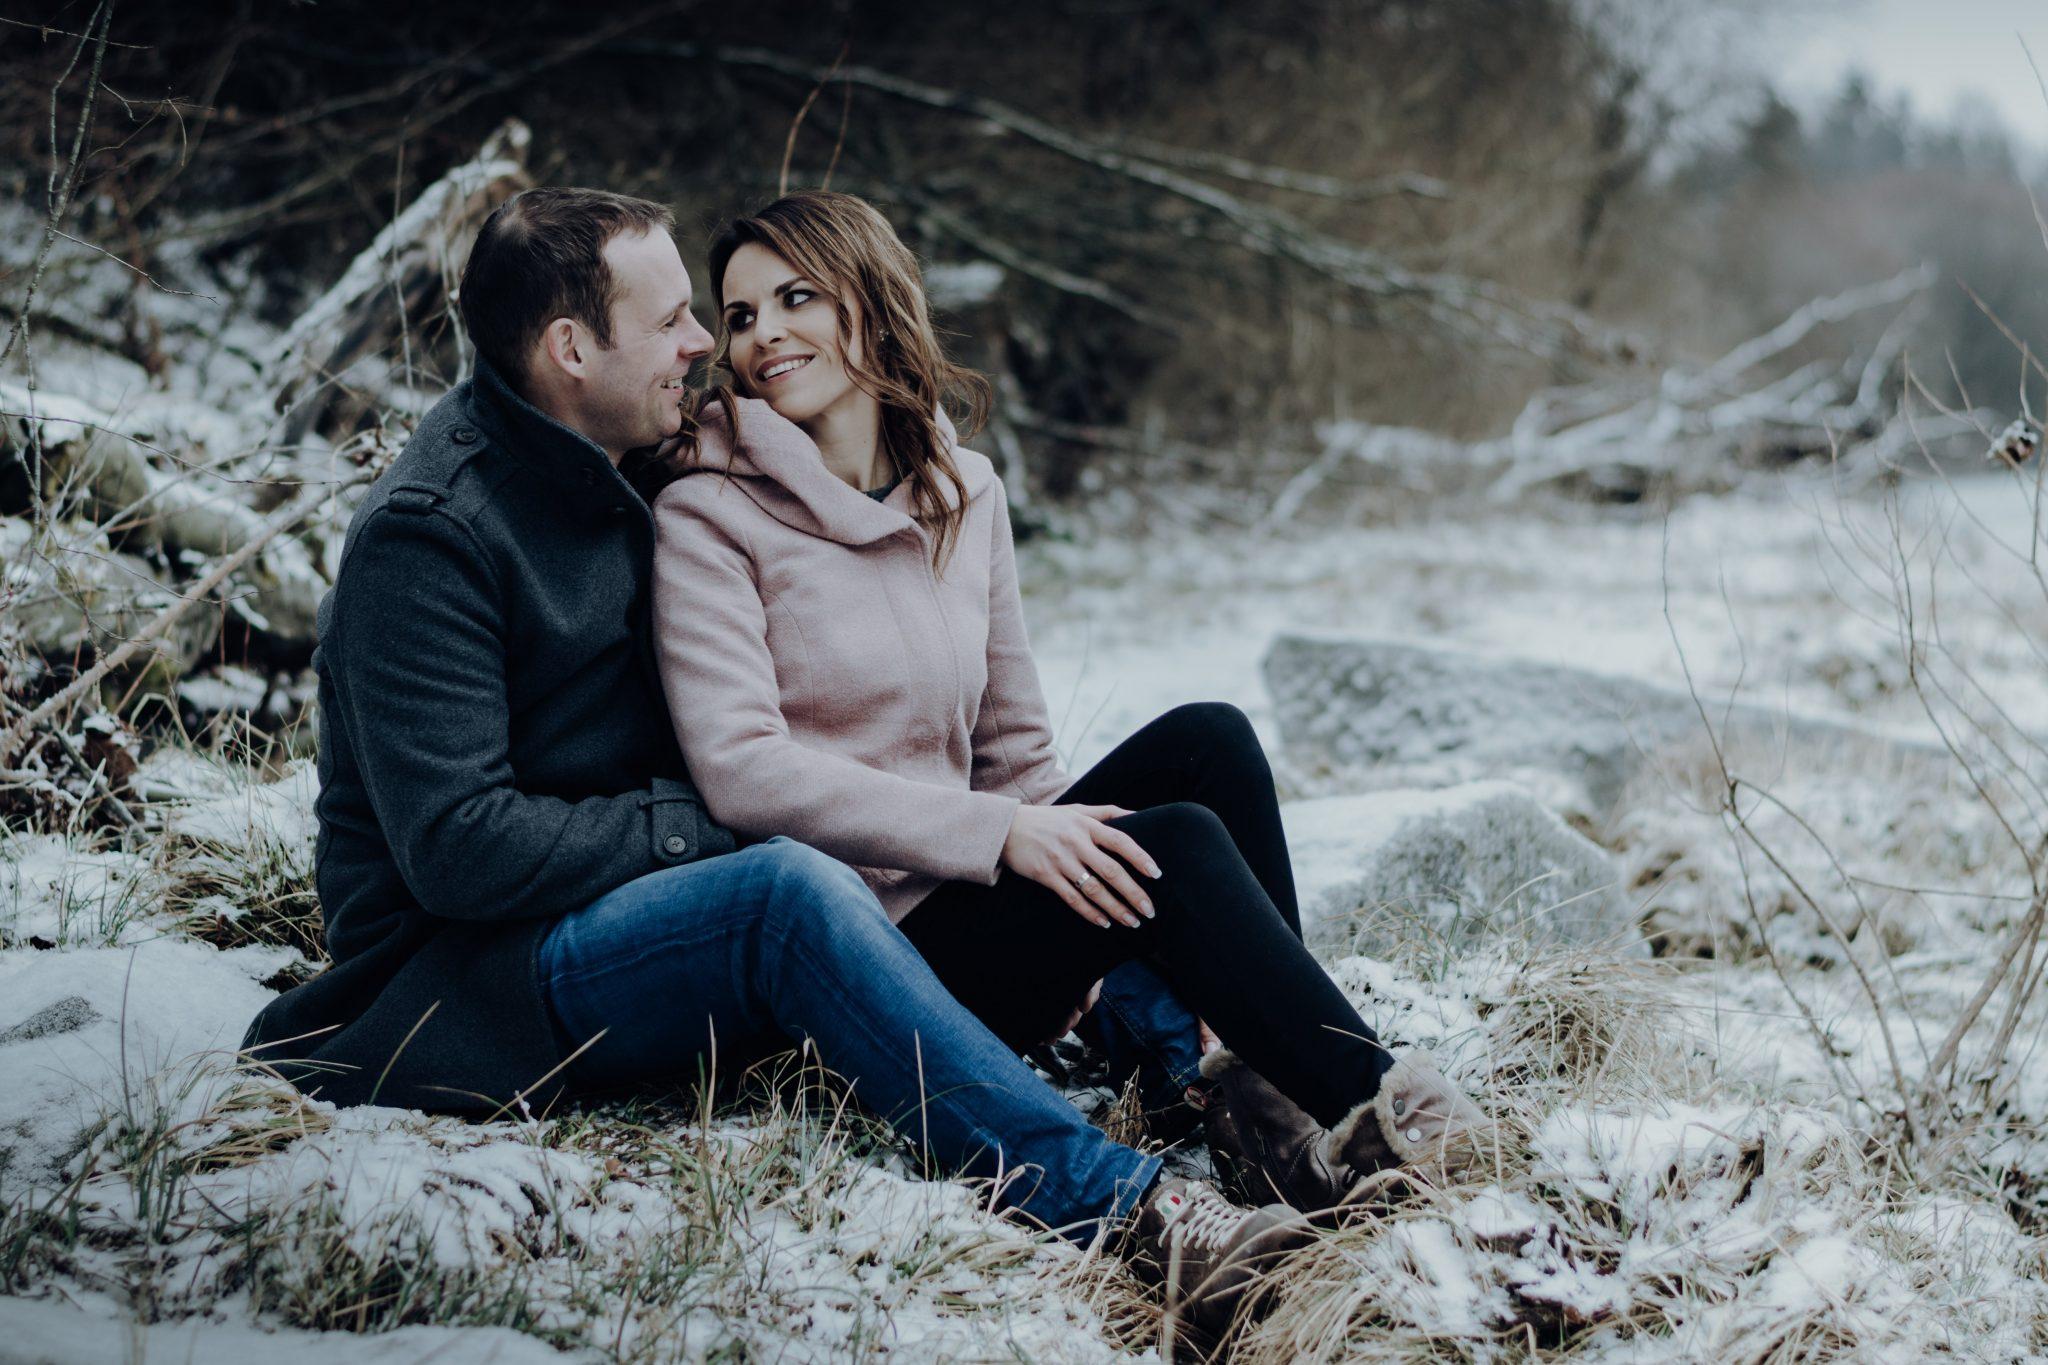 Frau sitzt vor Mann zwischen seinen Beinen